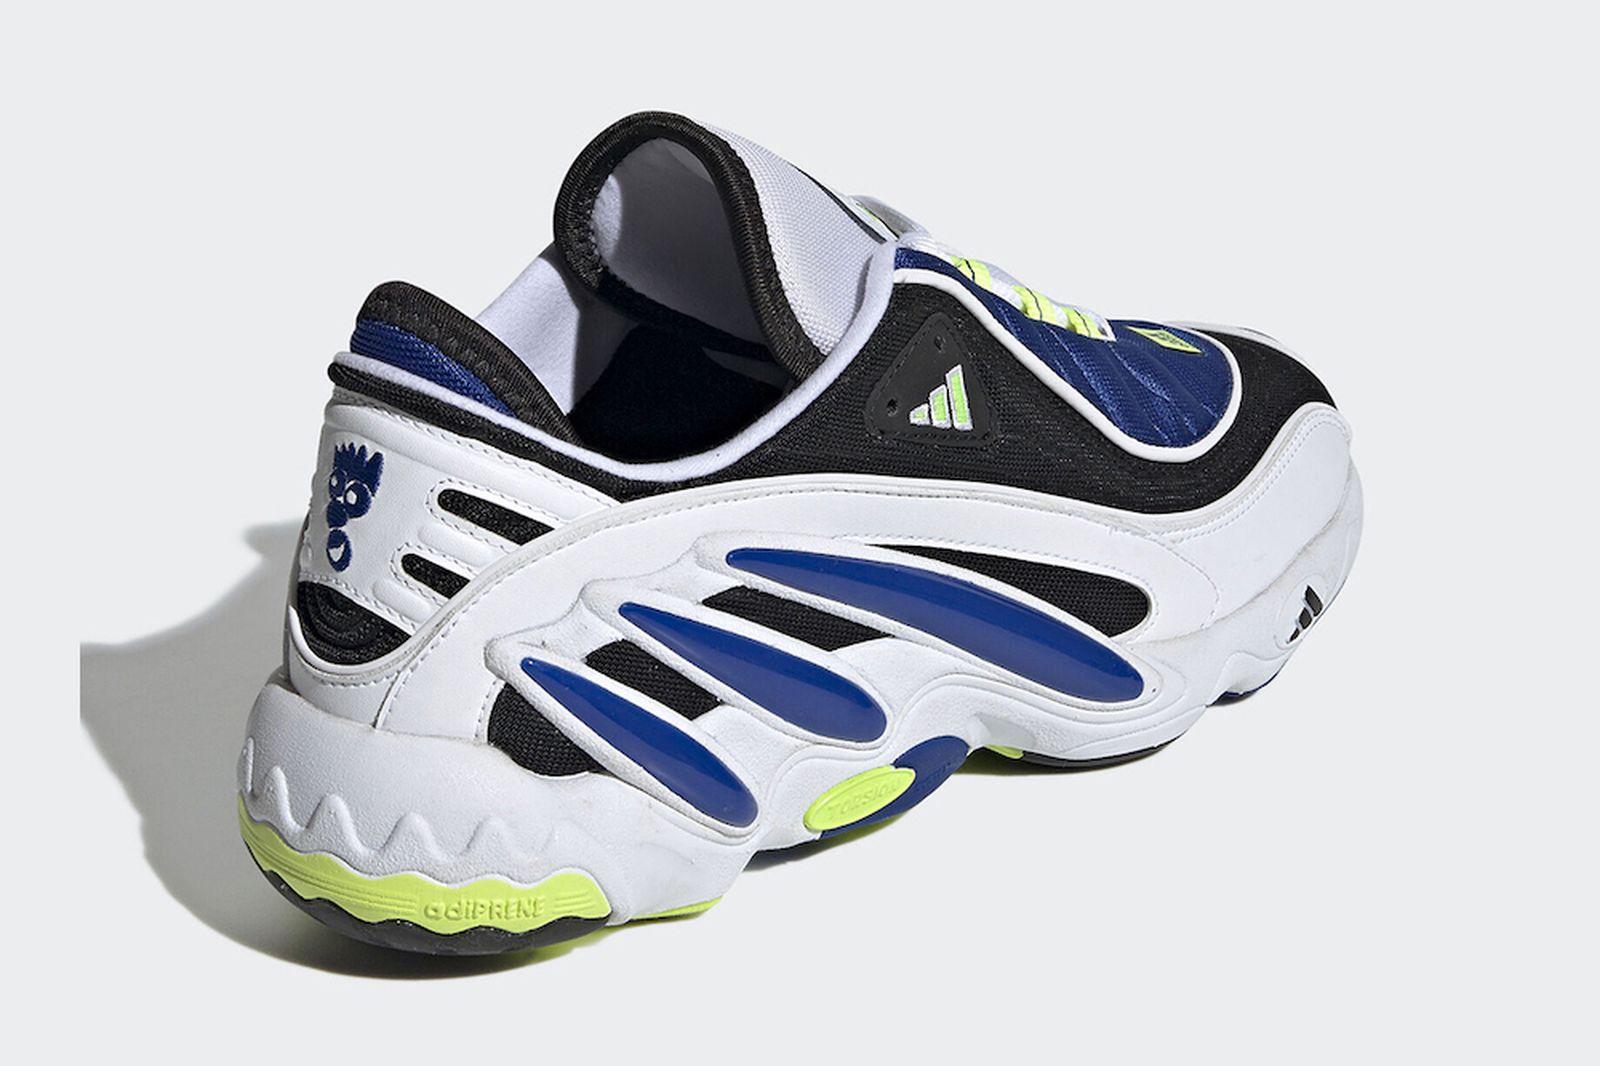 adidas FYW 98 Green Blue